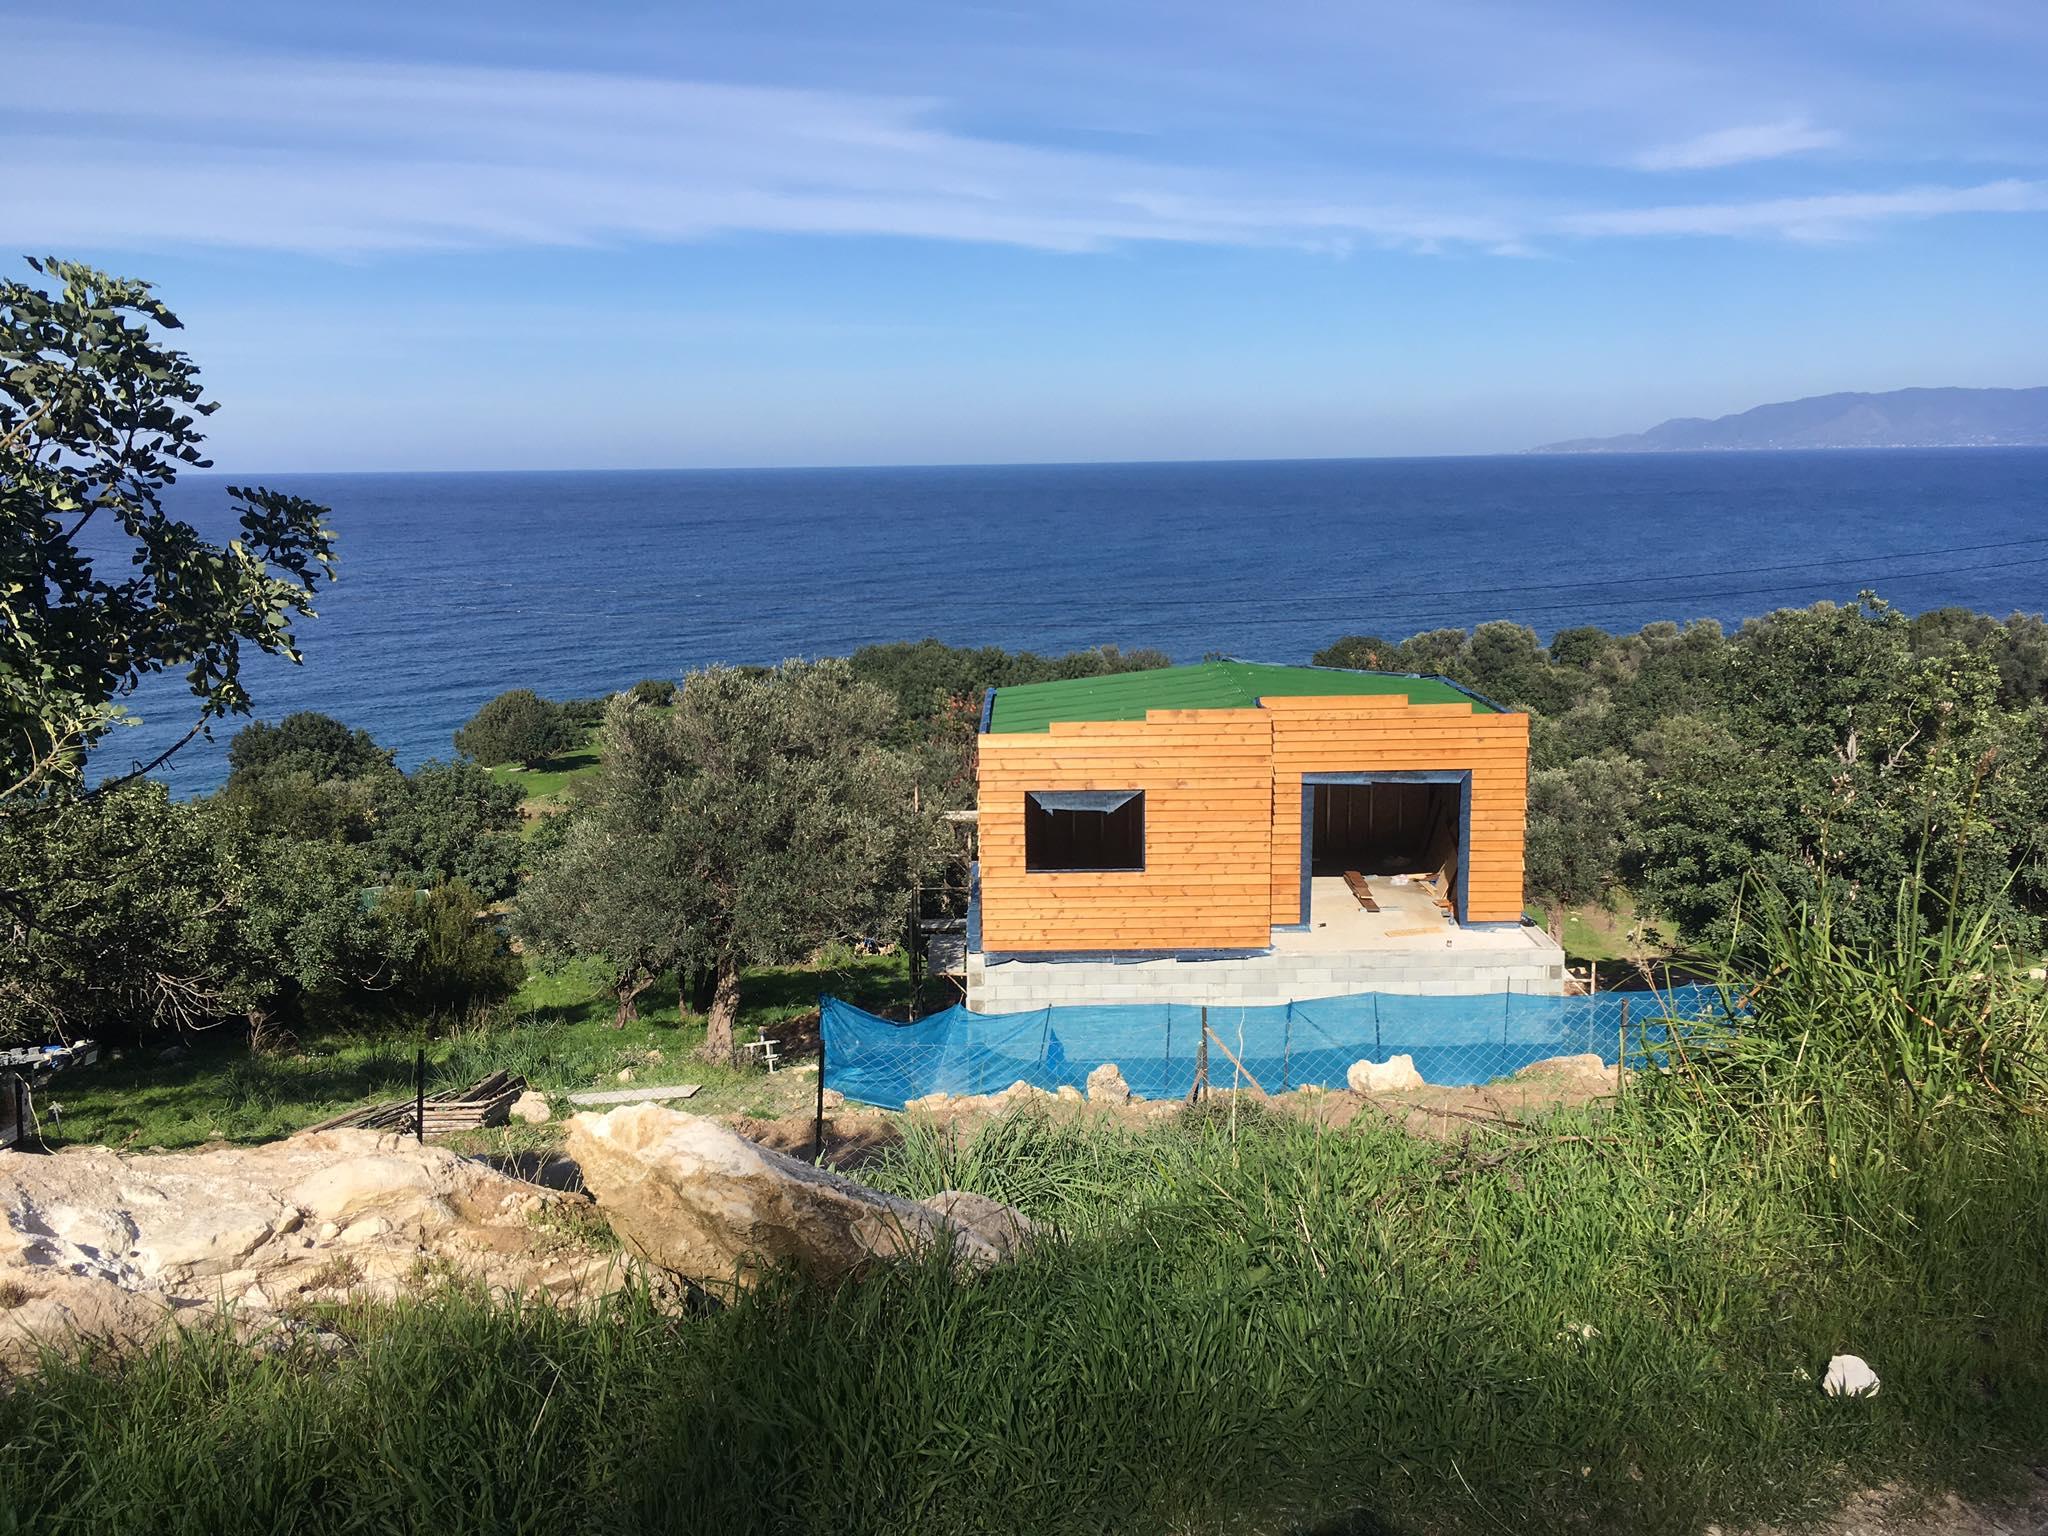 В Акамасе на берегу моря строится новый кемпинг